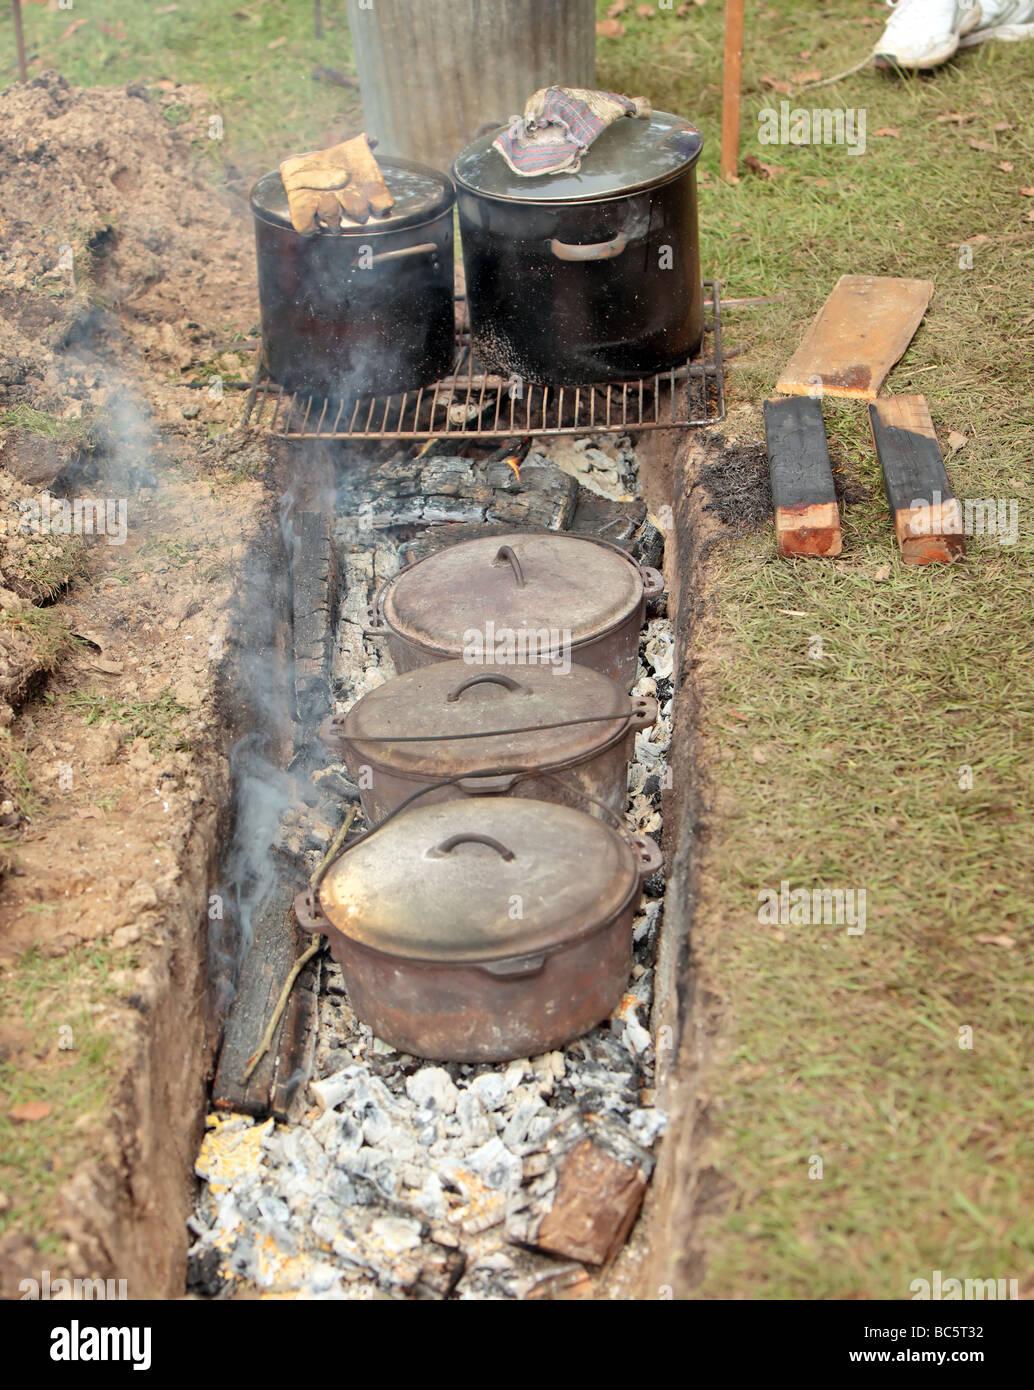 Australische Dämpfer Brot in Gusseisen Töpfen über dem offenen Feuer vorbereitet Stockbild